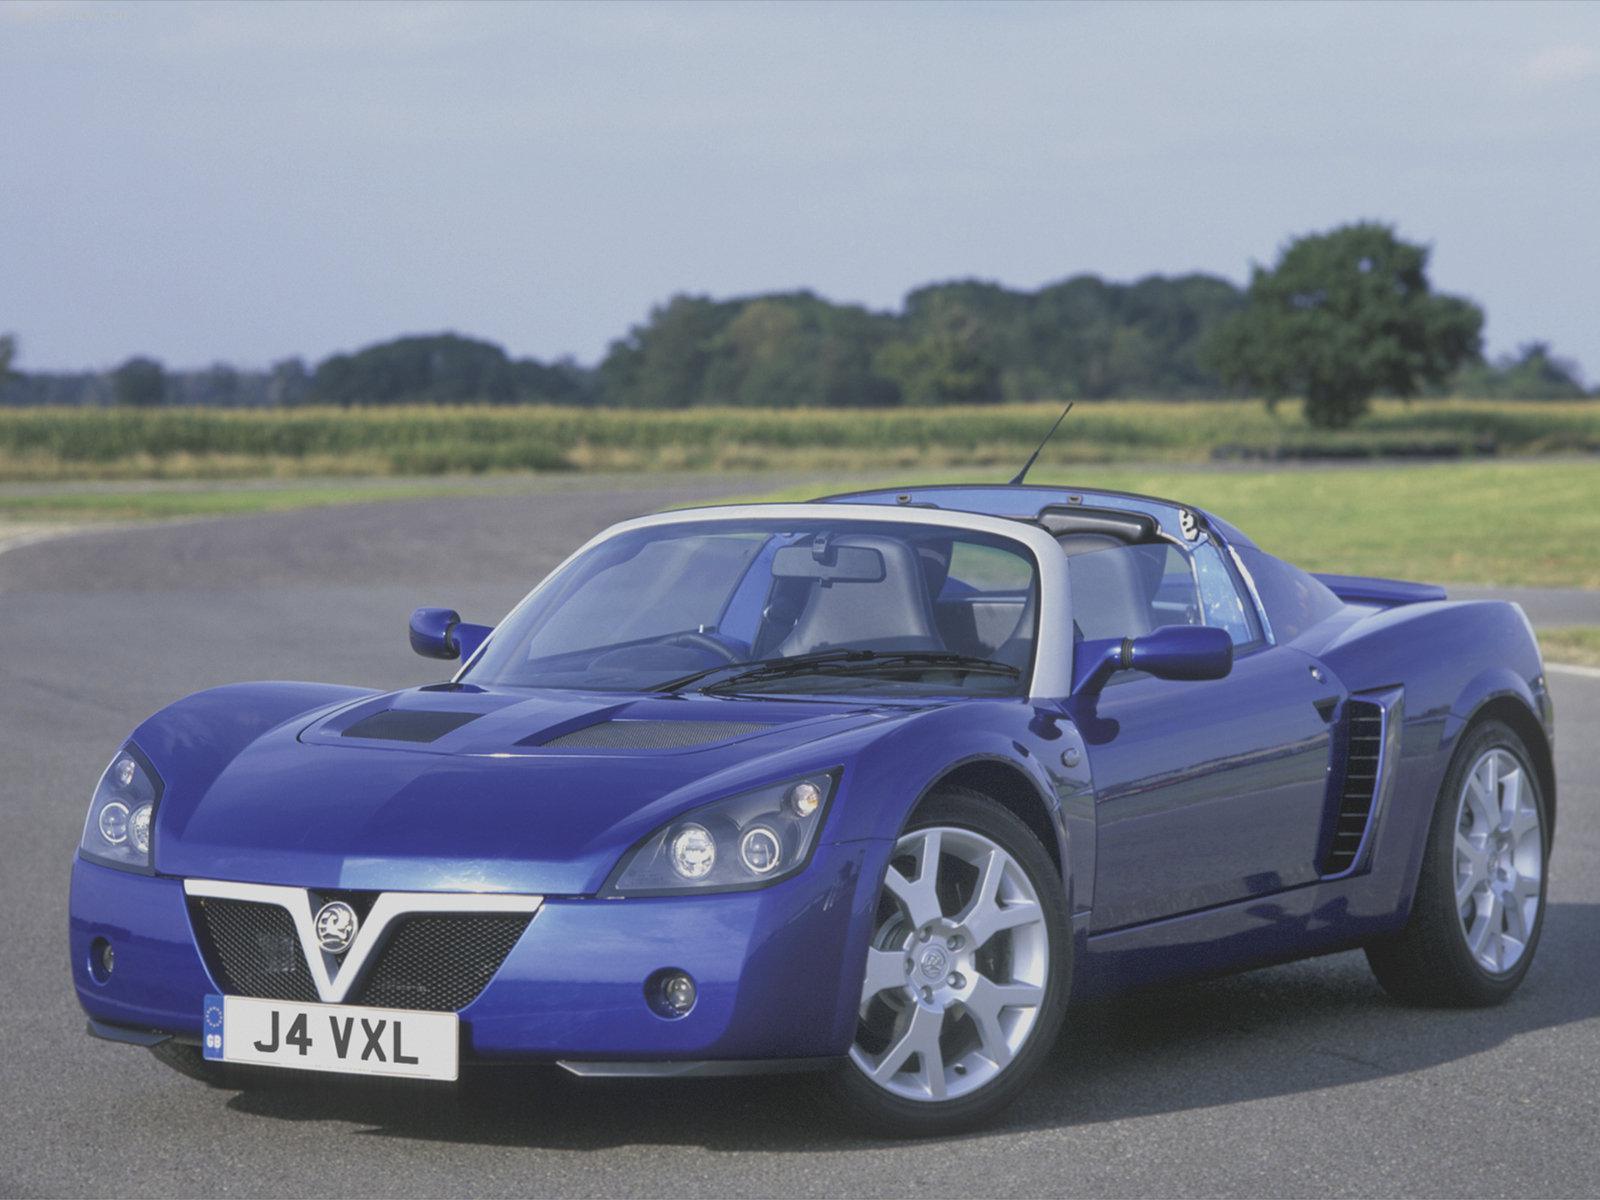 欧宝集团来说,上一款Speedster车型还要追溯至2005年沃克斯豪尔(Vauxhall)推出的VX220